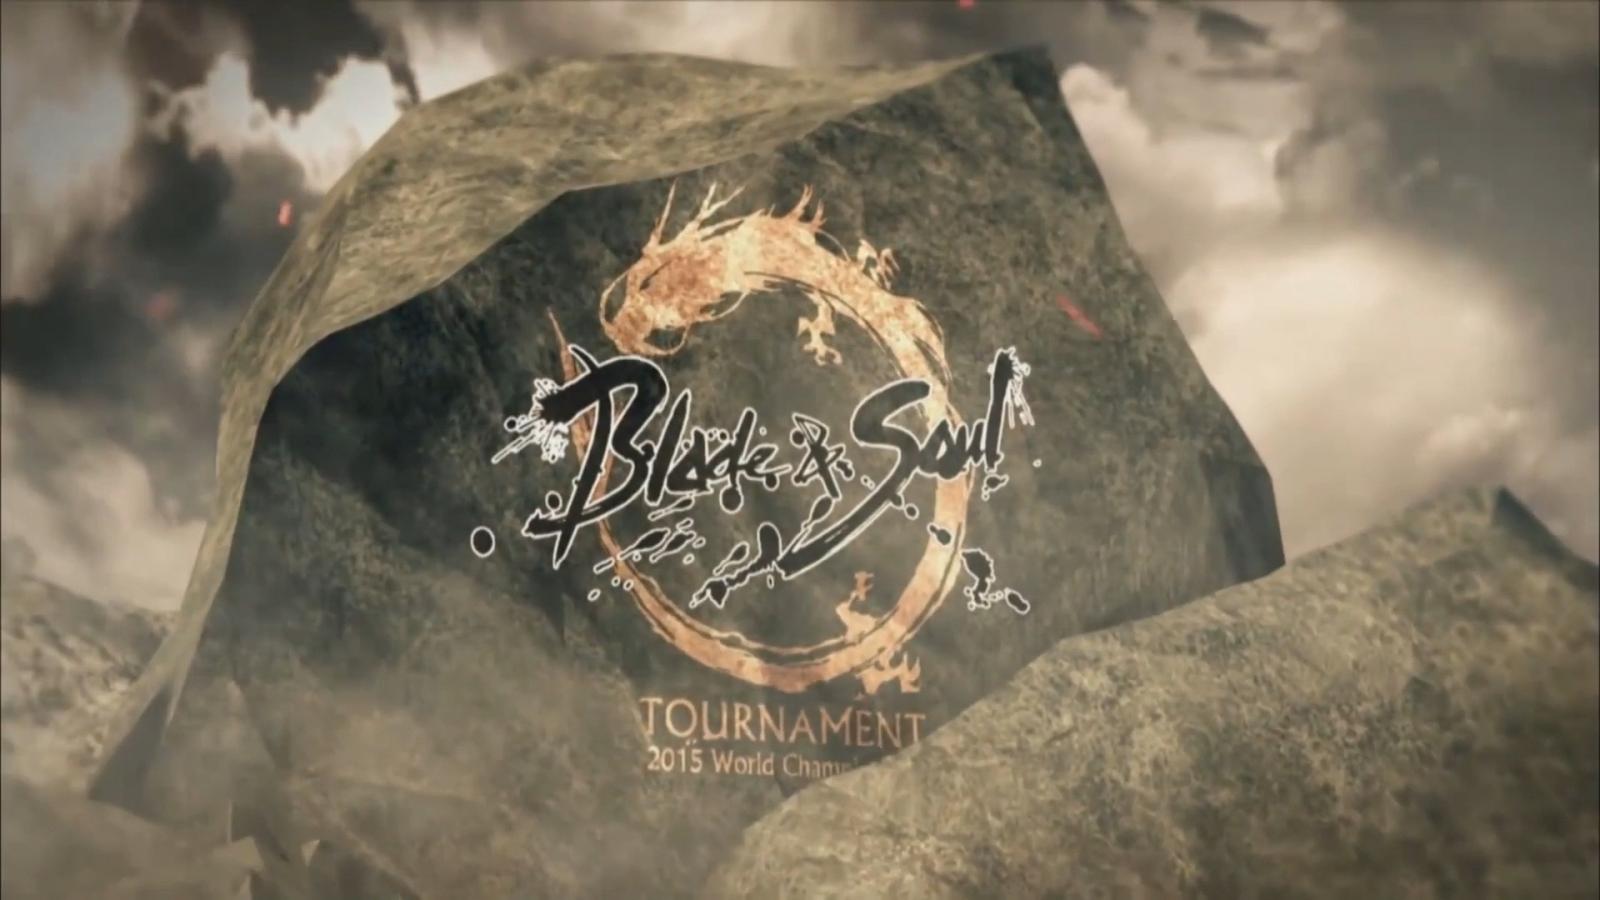 Blade & Soul и киберспорт - видео-обзор